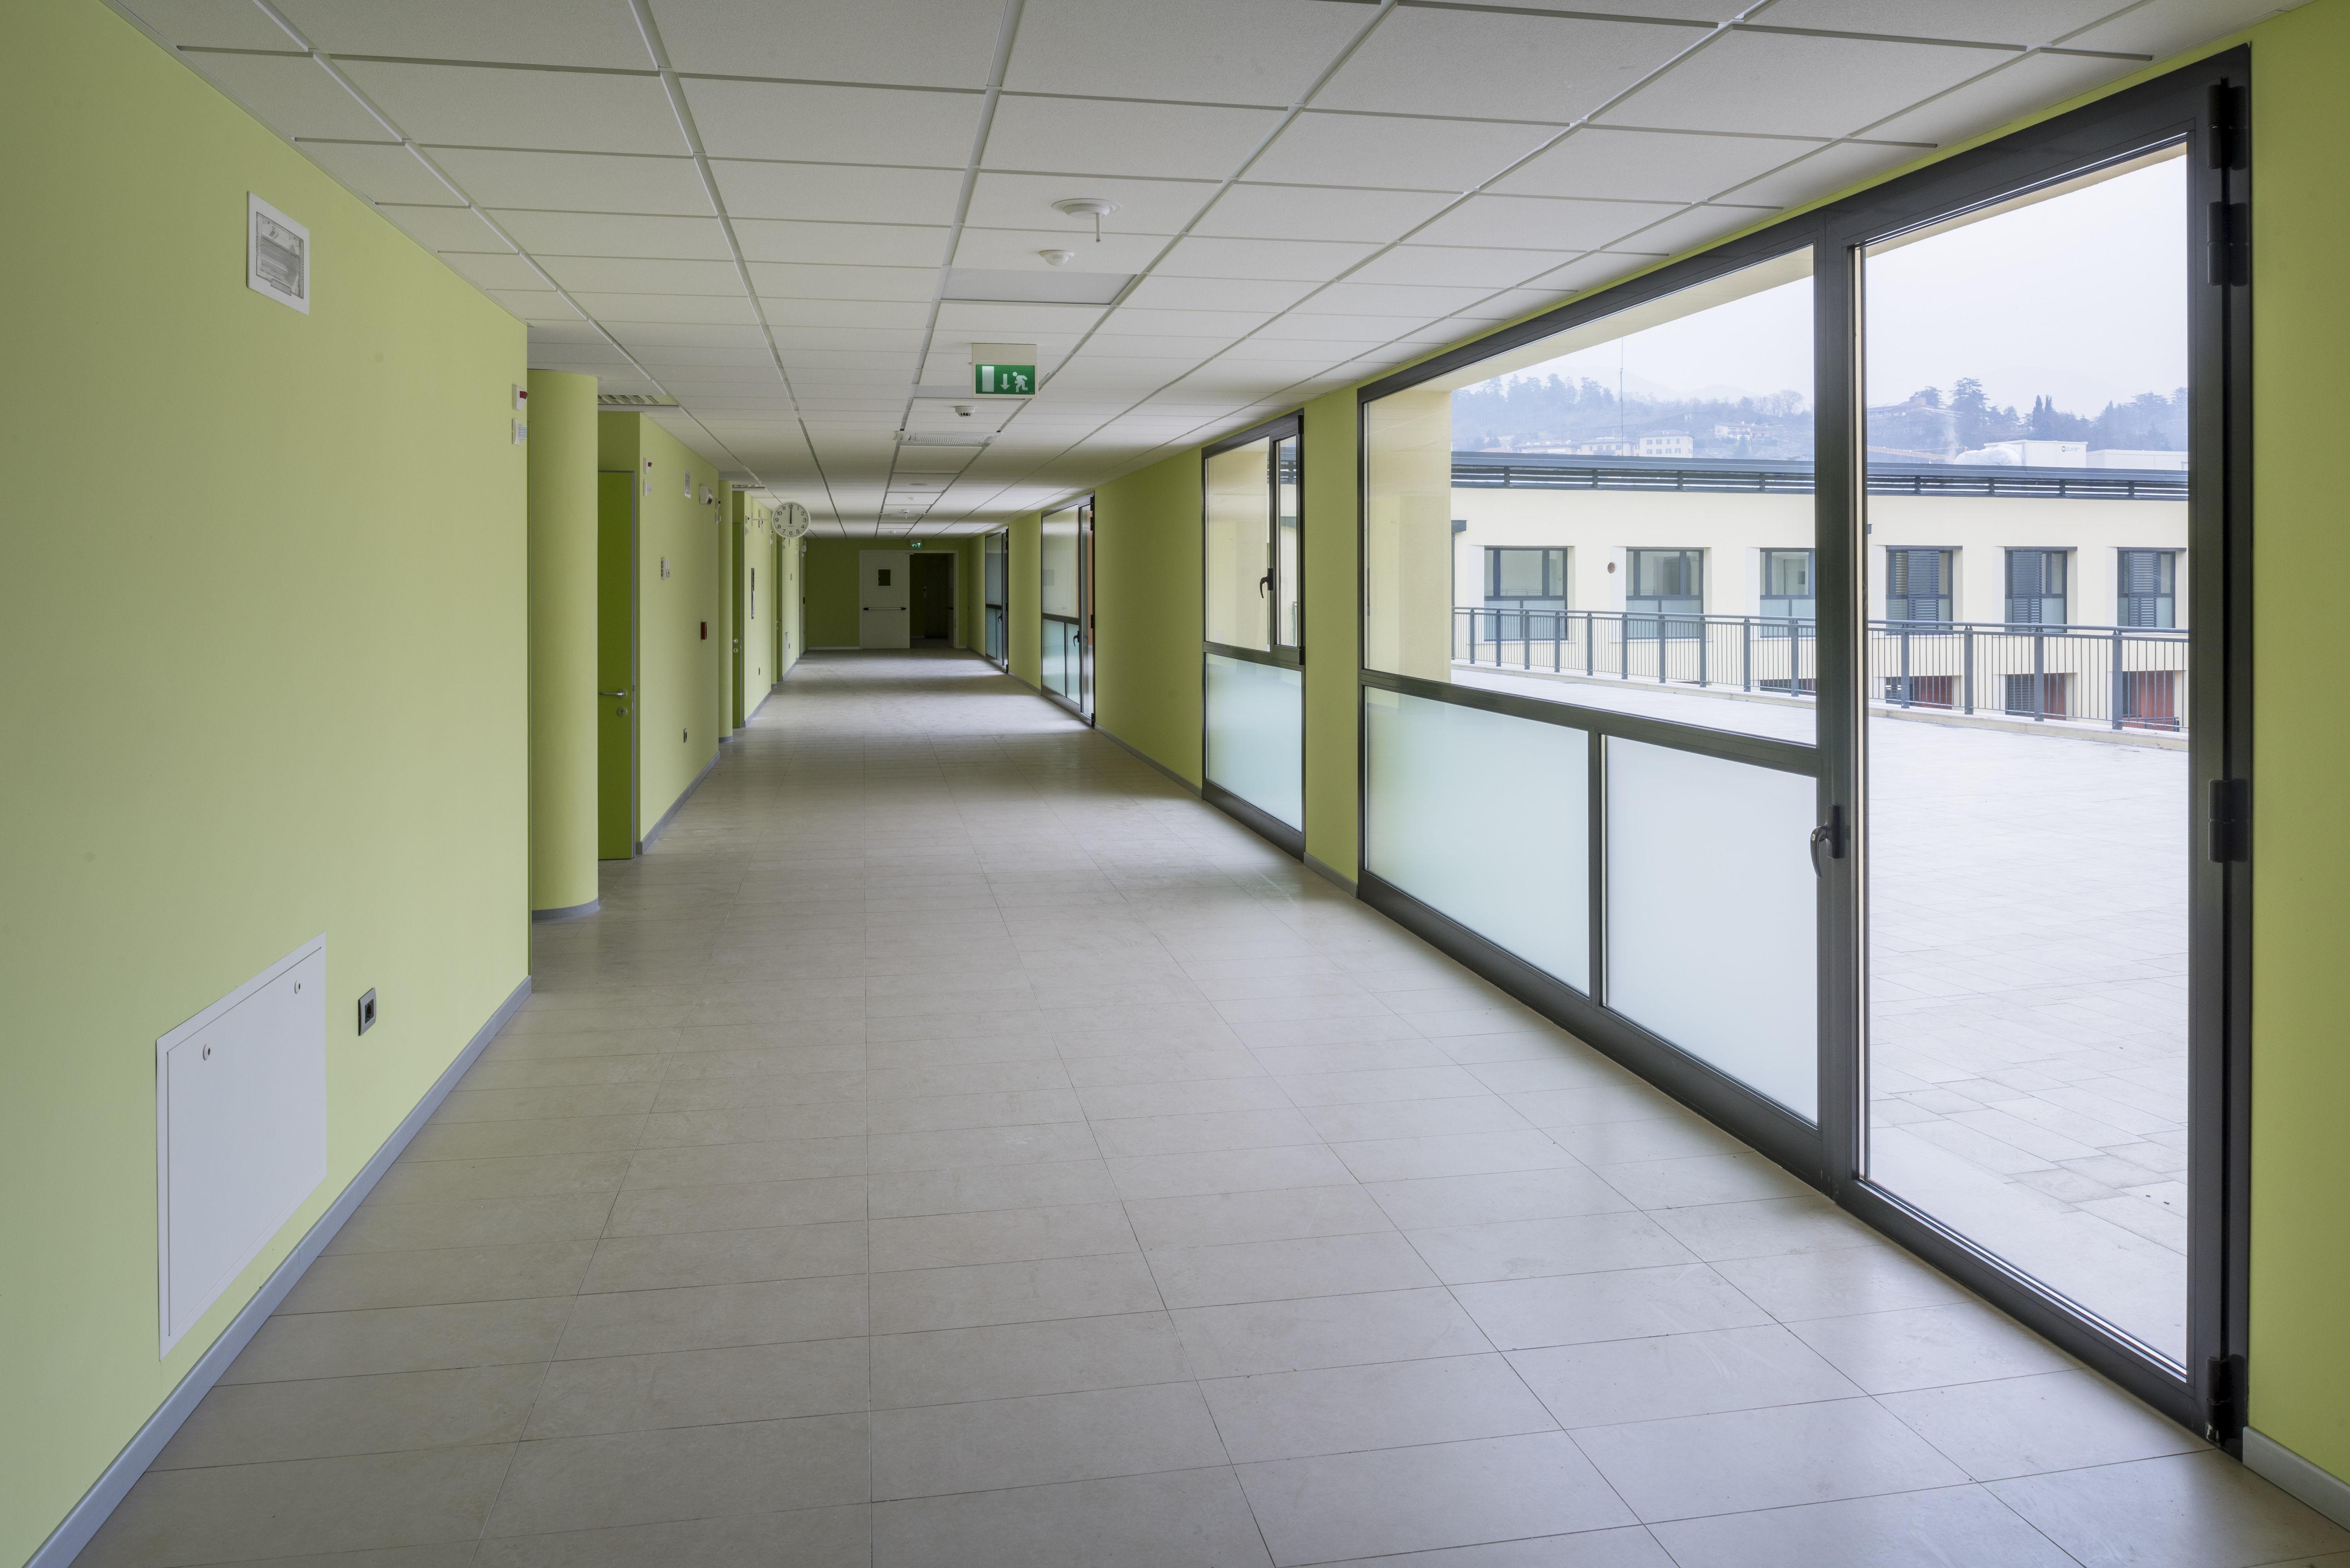 Complesso Ex sordomuti - Trento - image 4